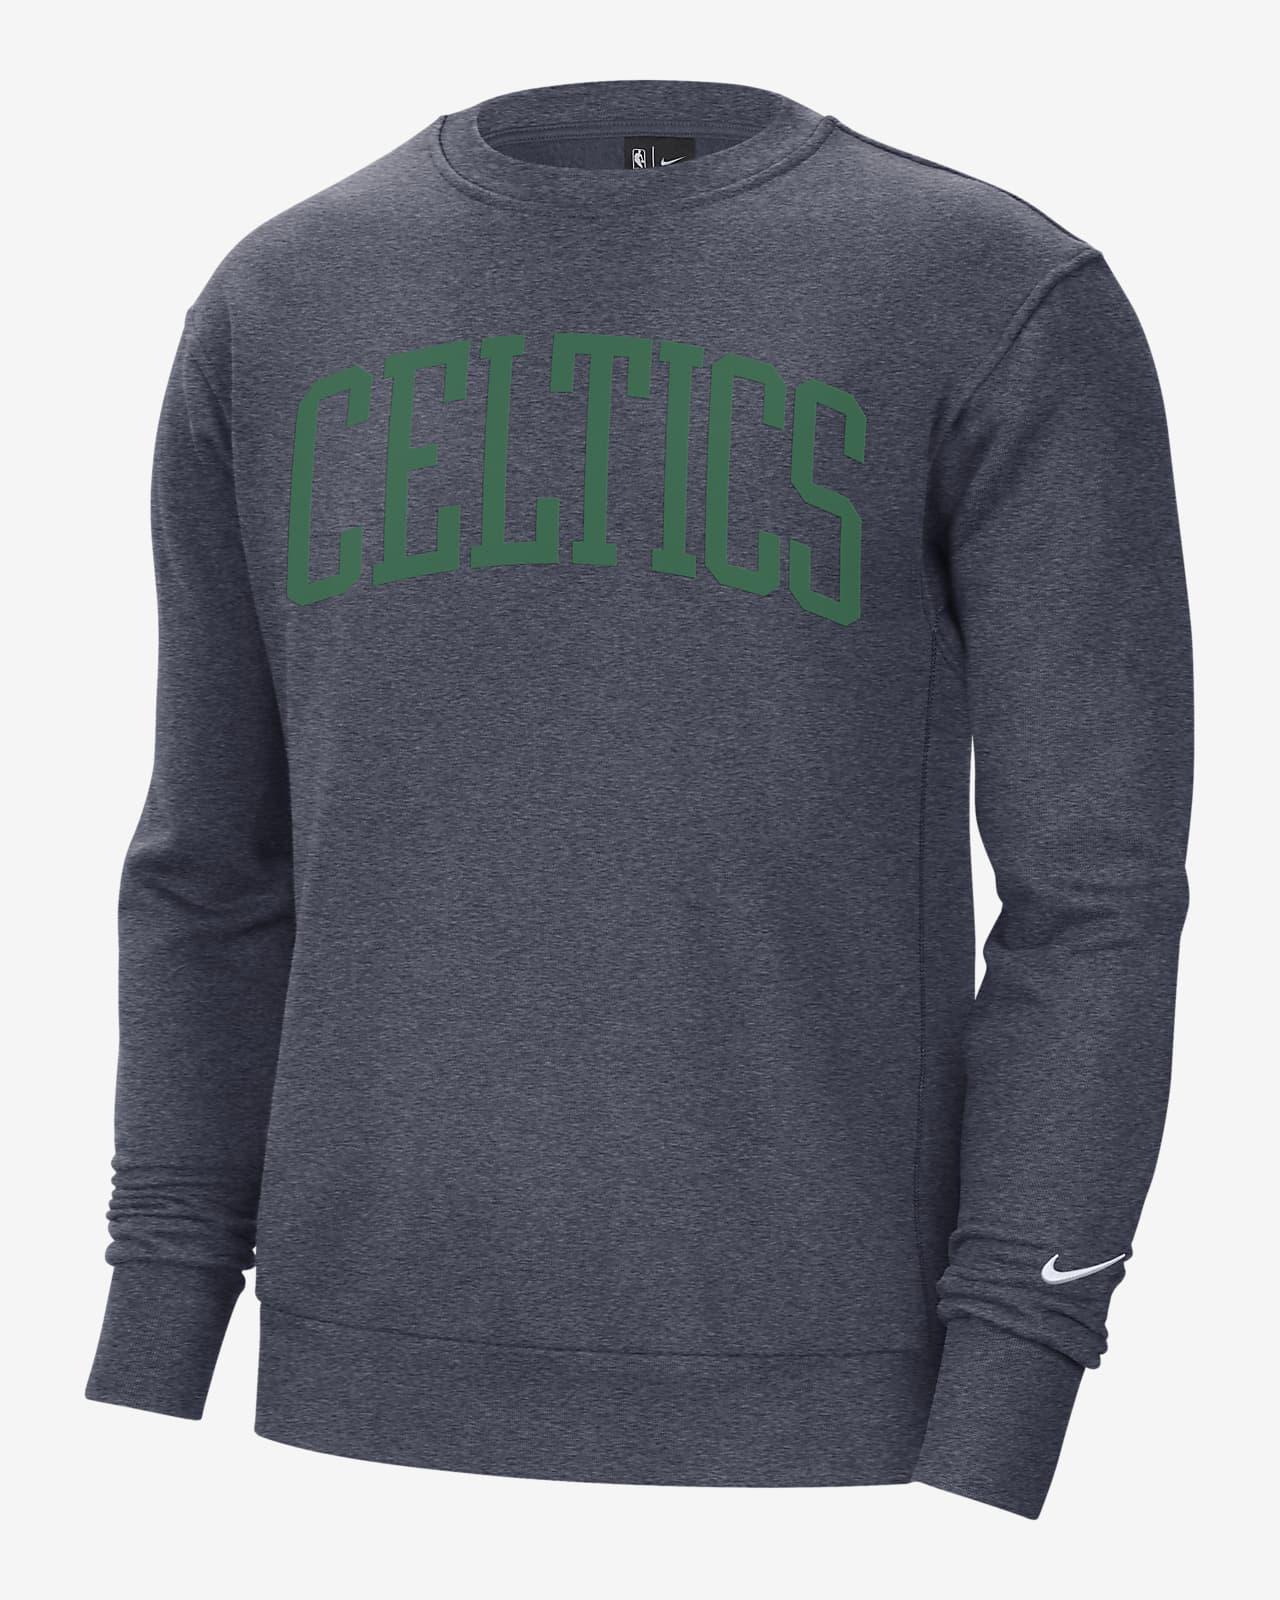 Boston Celtics Courtside Heritage Men's Nike NBA Fleece Crew Sweatshirt